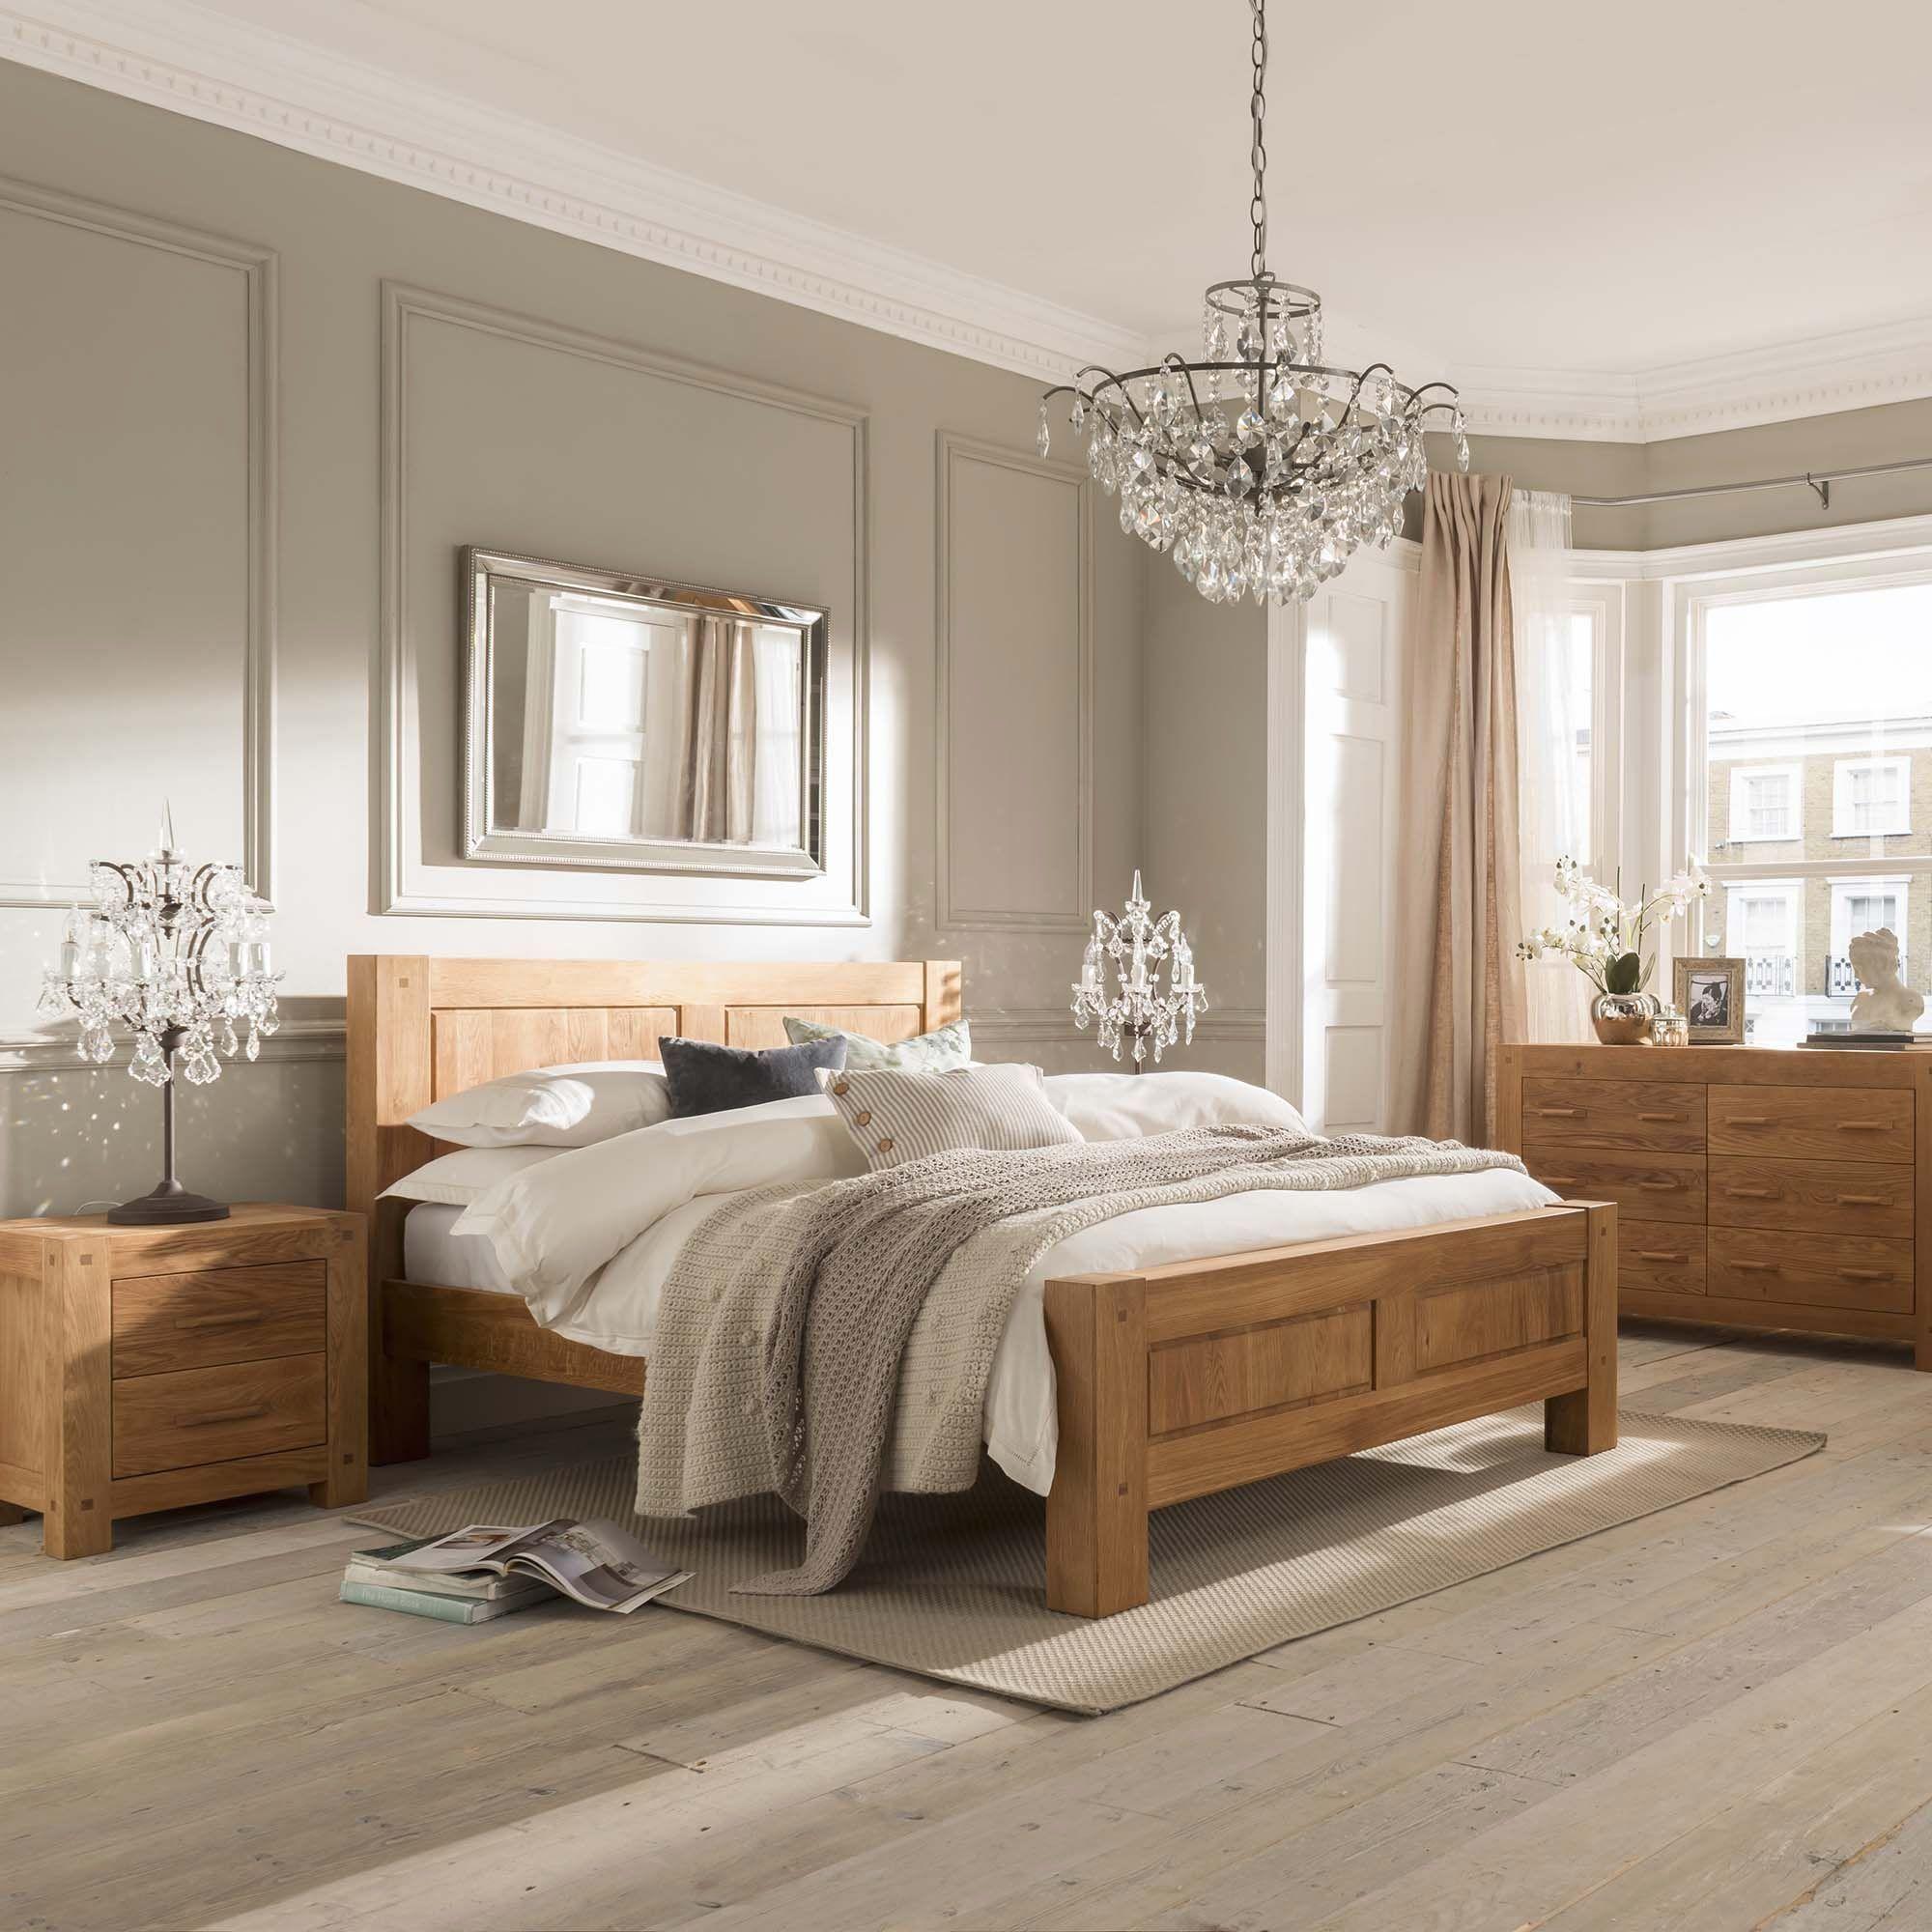 Bed Frames In 2020 Simple Bedroom Oak Bedroom Wooden Bedroom